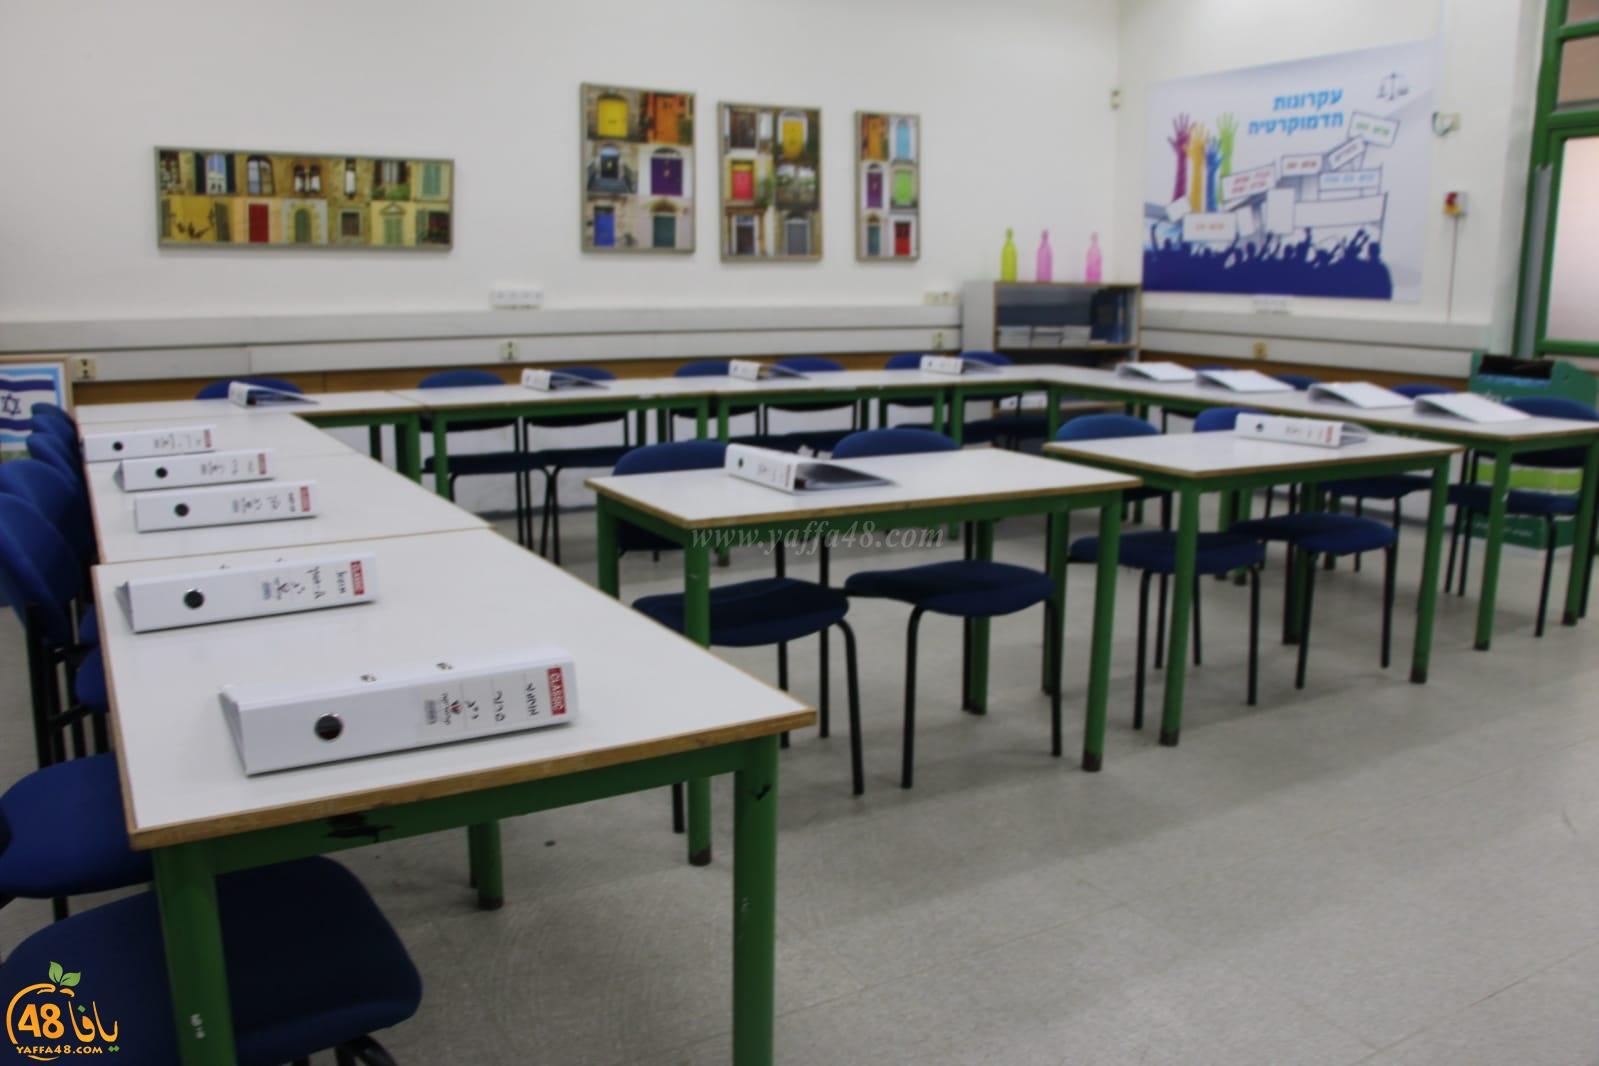 بالصور: افتتاح السنة الدراسية الجديدة في المدرسة التكنولوجية بيافا